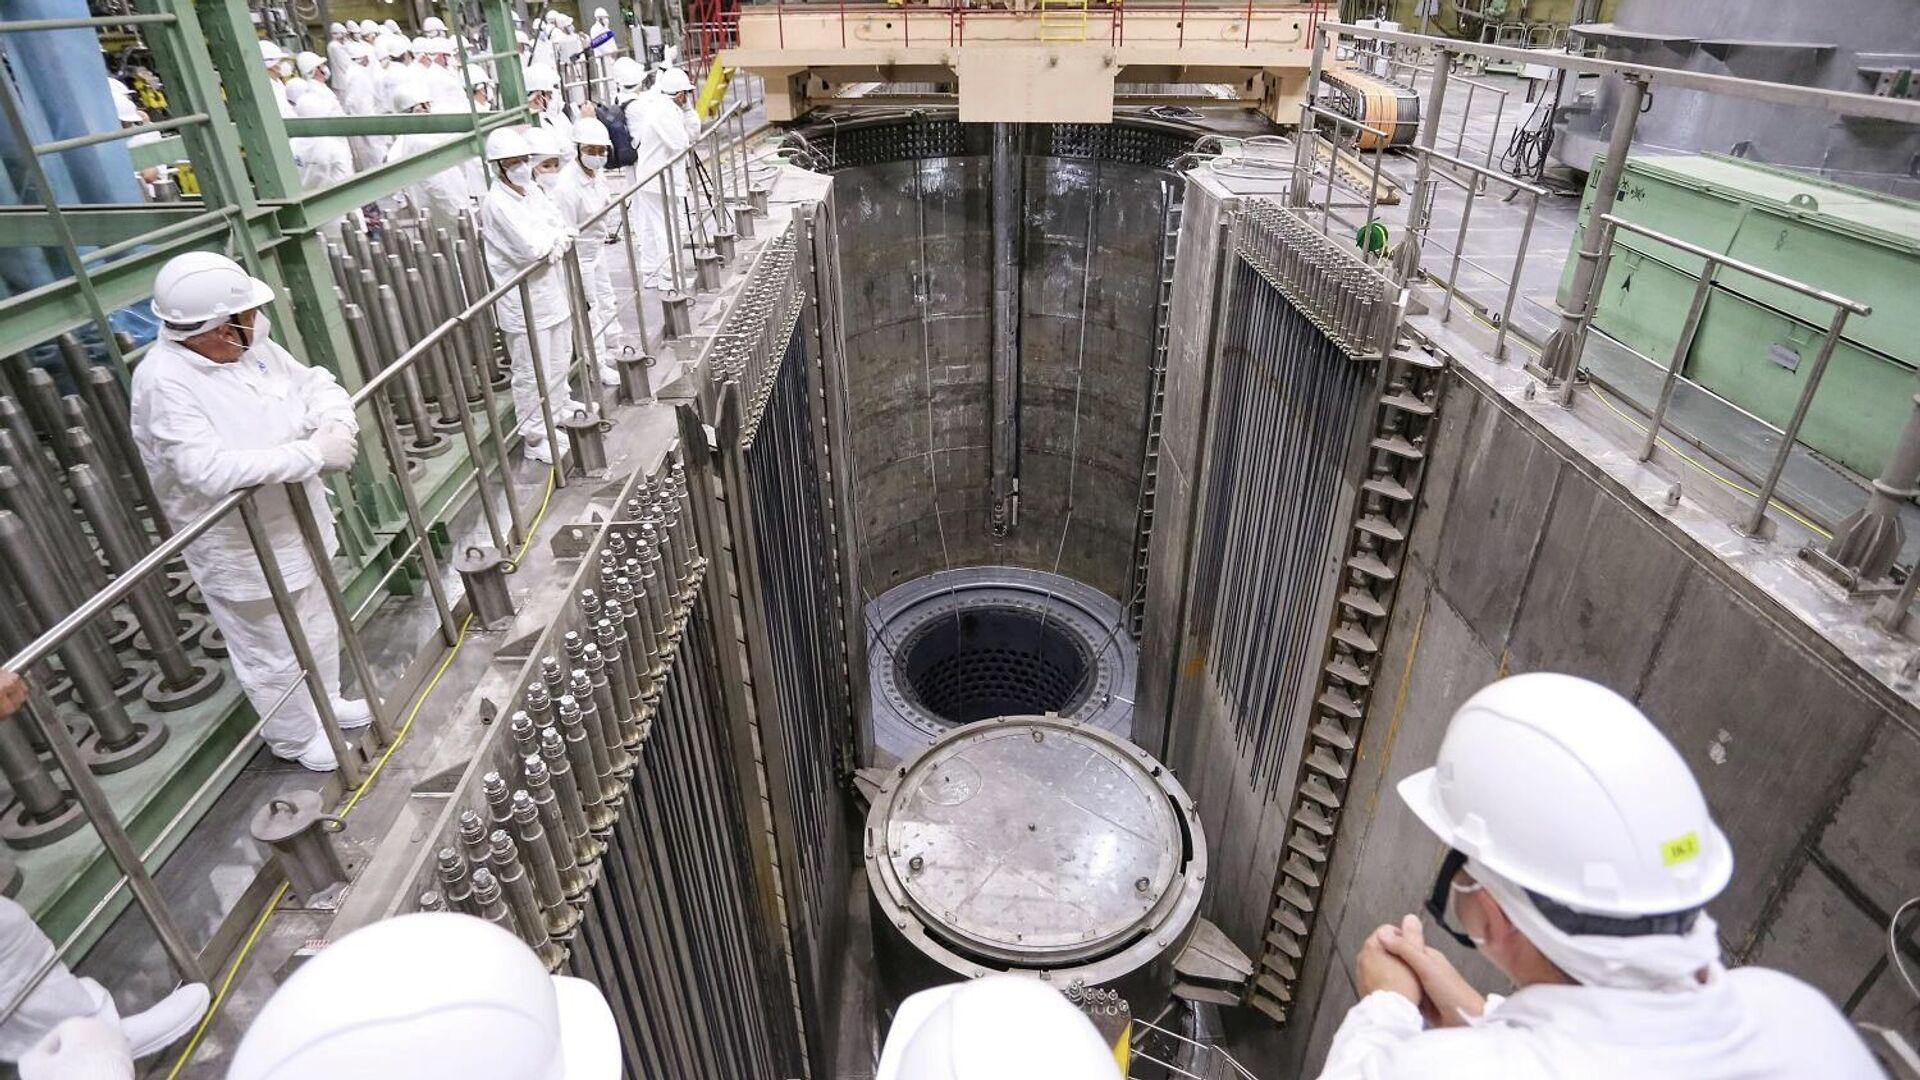 На Ленинградской АЭС стартовал физический пуск нового энергоблока с реактором ВВЭР-1200 - РИА Новости, 1920, 31.08.2020